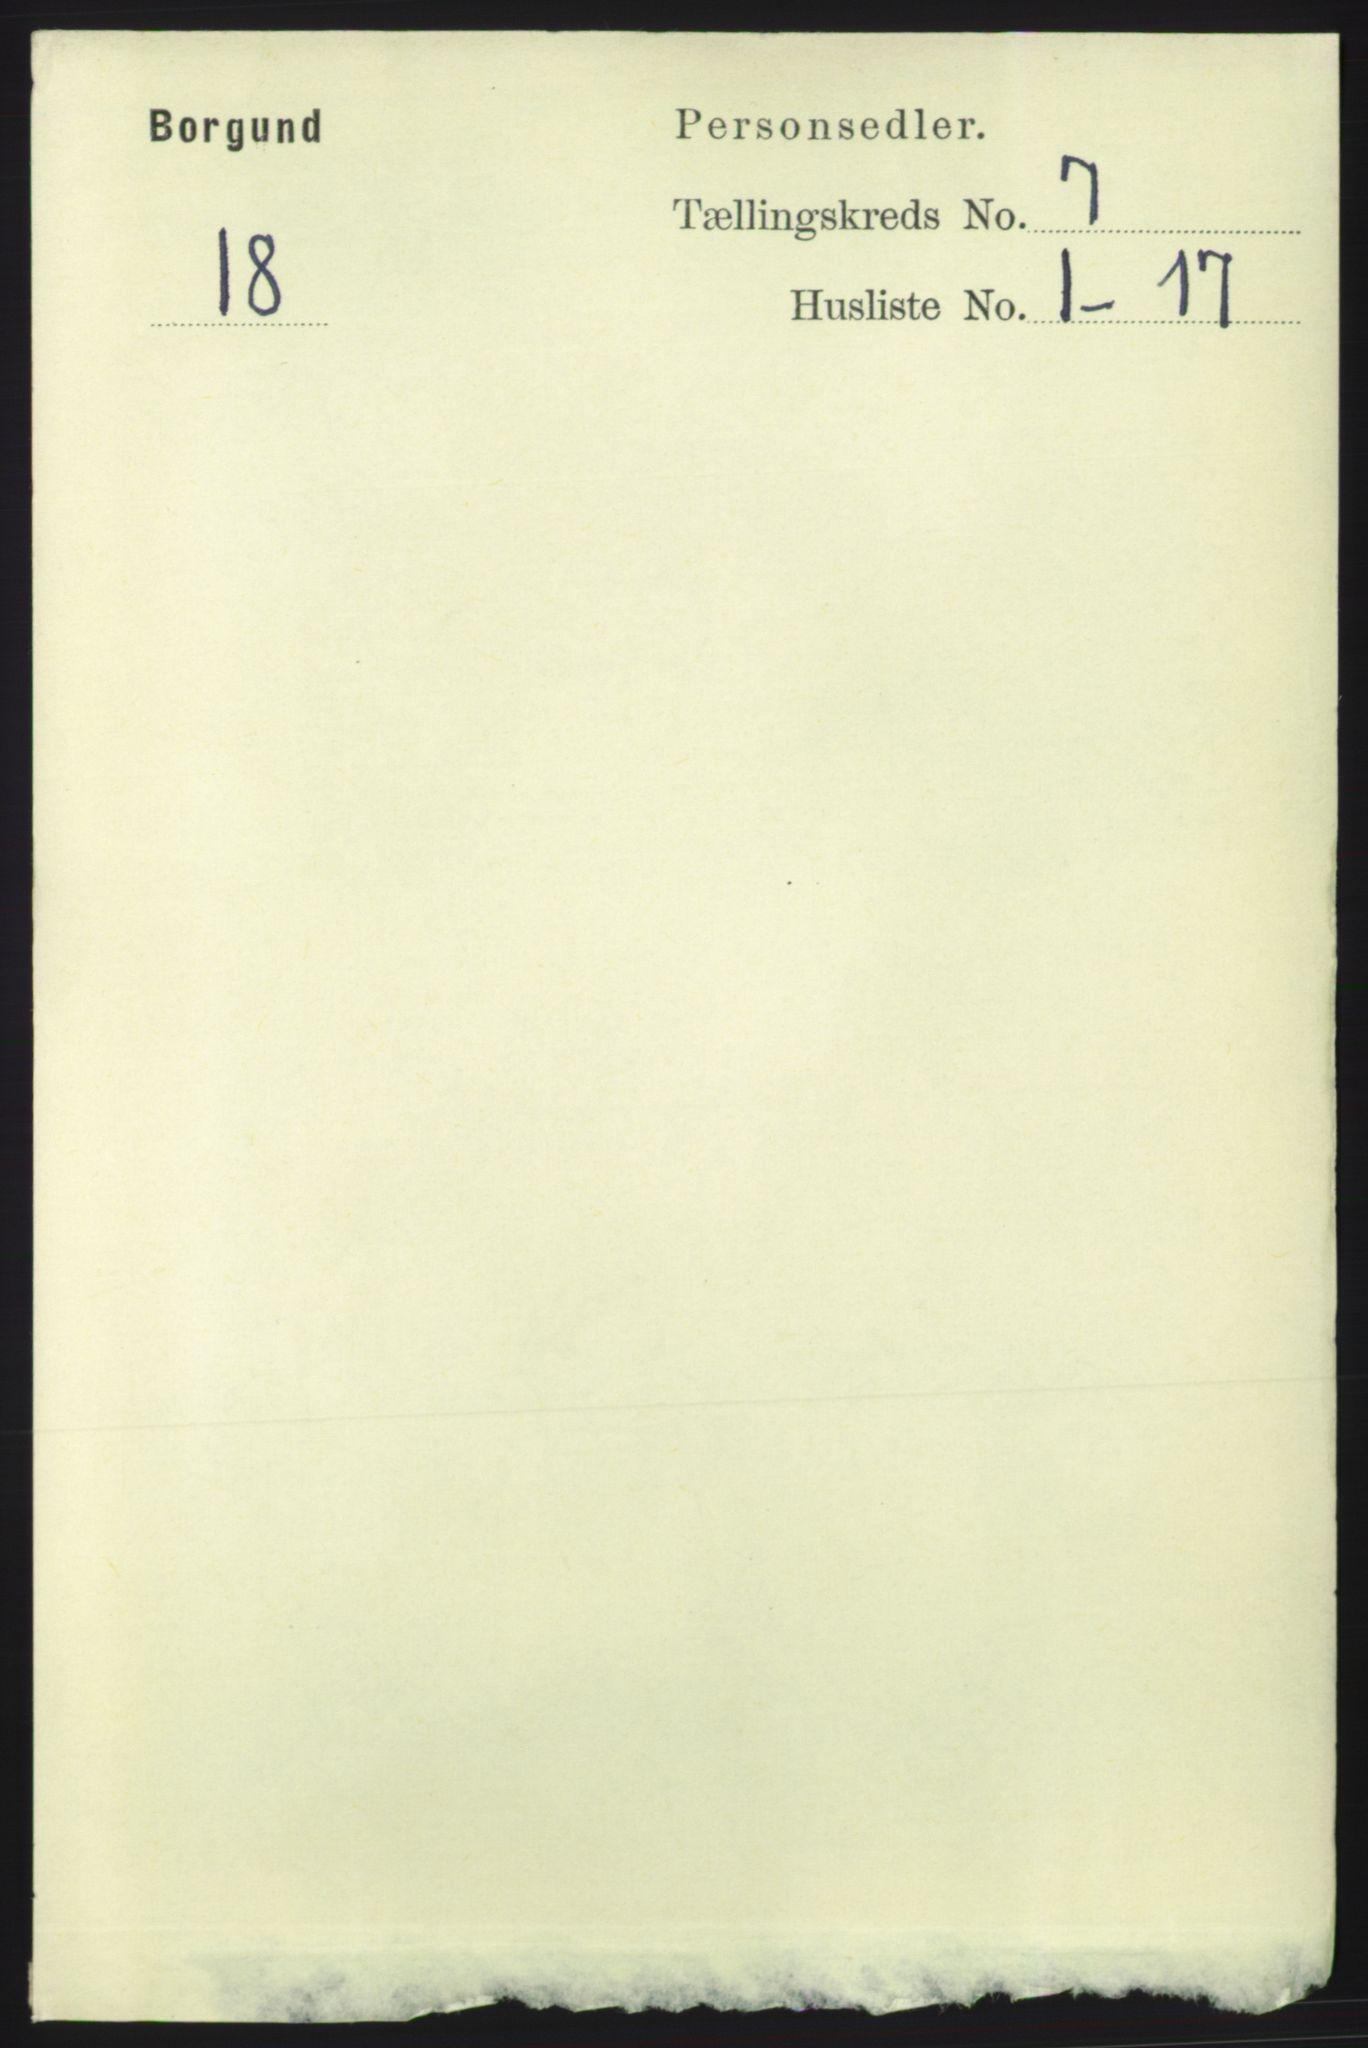 RA, Folketelling 1891 for 1531 Borgund herred, 1891, s. 1849